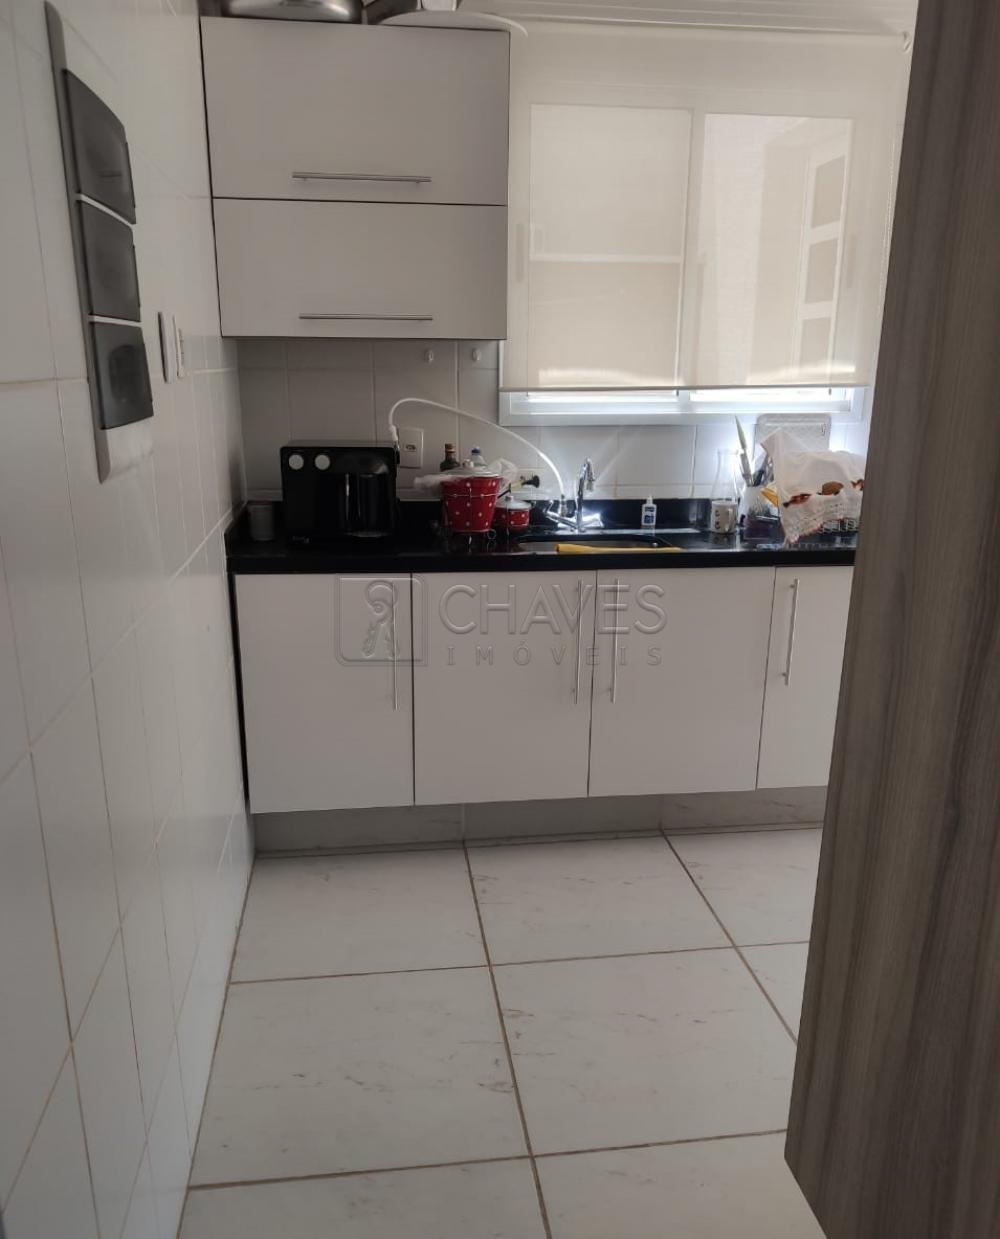 Comprar Casa / Condomínio em Ribeirão Preto apenas R$ 550.000,00 - Foto 20